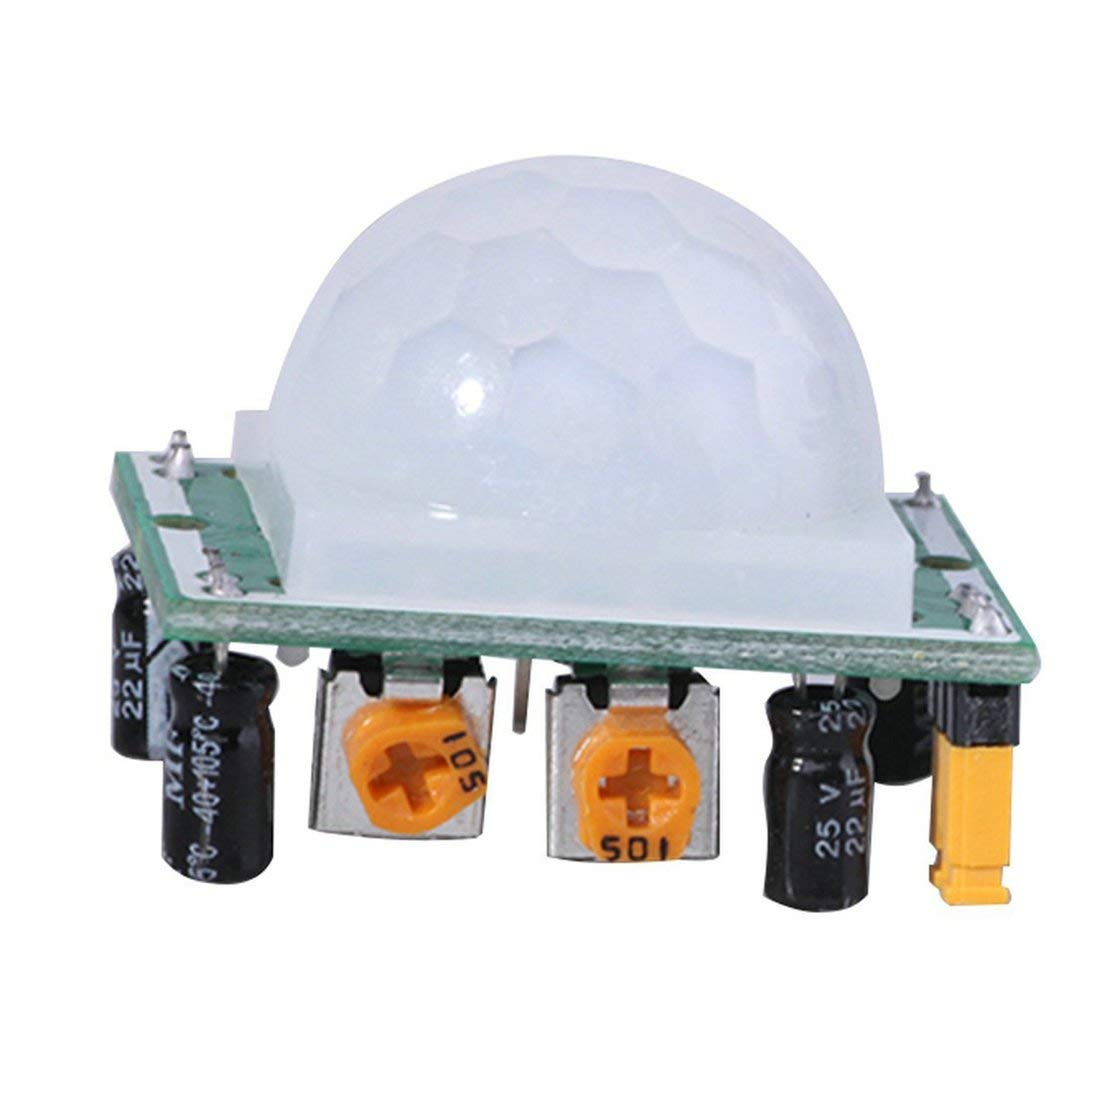 HC-SR501 Ajuste Pyroelectric IR PIR Junta de M/ódulo de Sensor de Cuerpo de Sensor de Movimiento por Reflexi/ón Infrarrojo Detecci/ón Humana para Arduino DIY